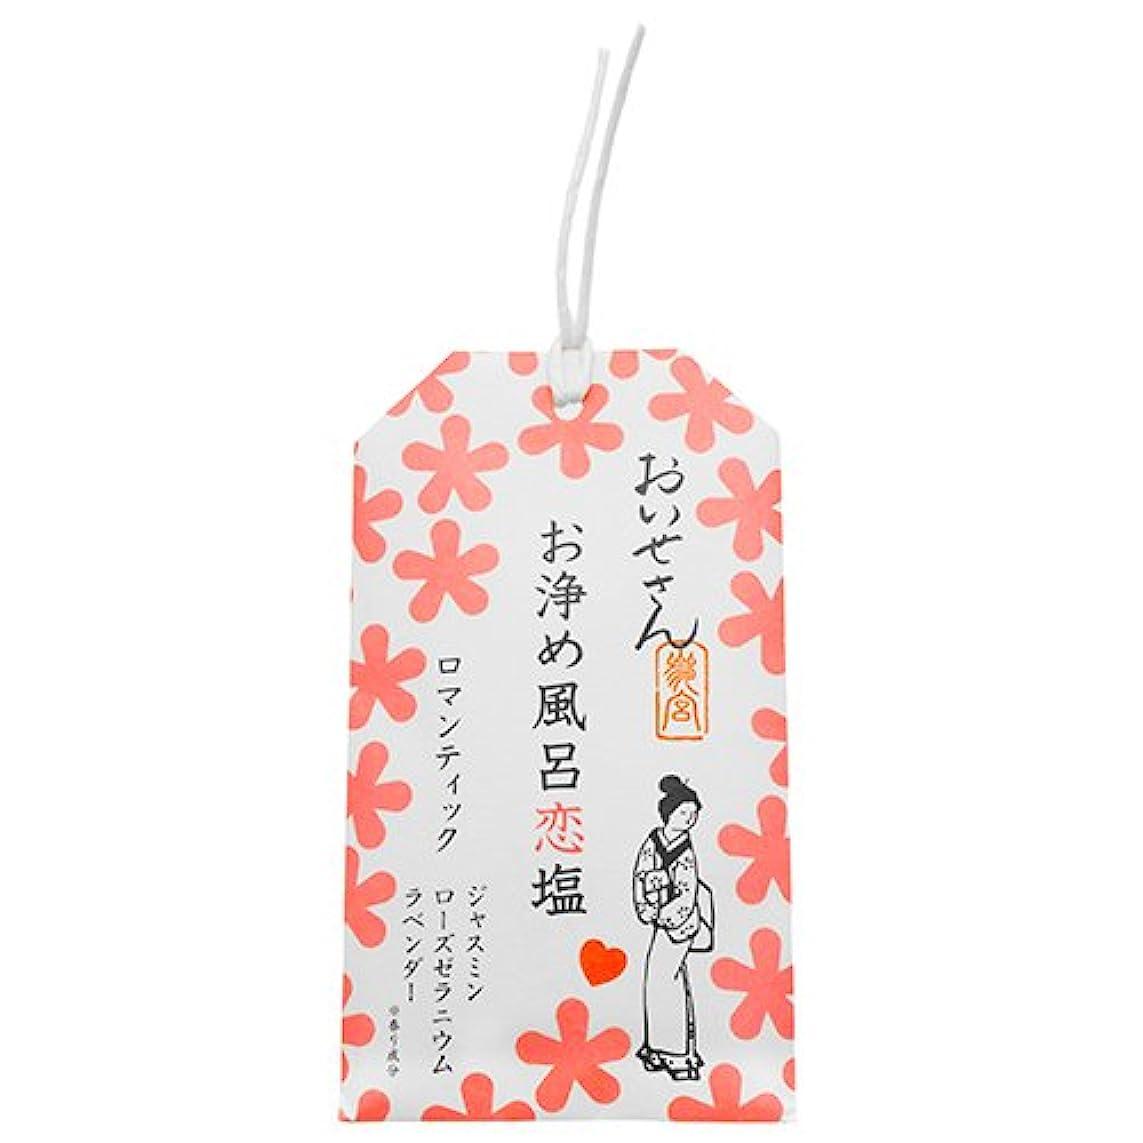 考え含める発生するおいせさん お浄め風呂恋塩(ロマンティック)